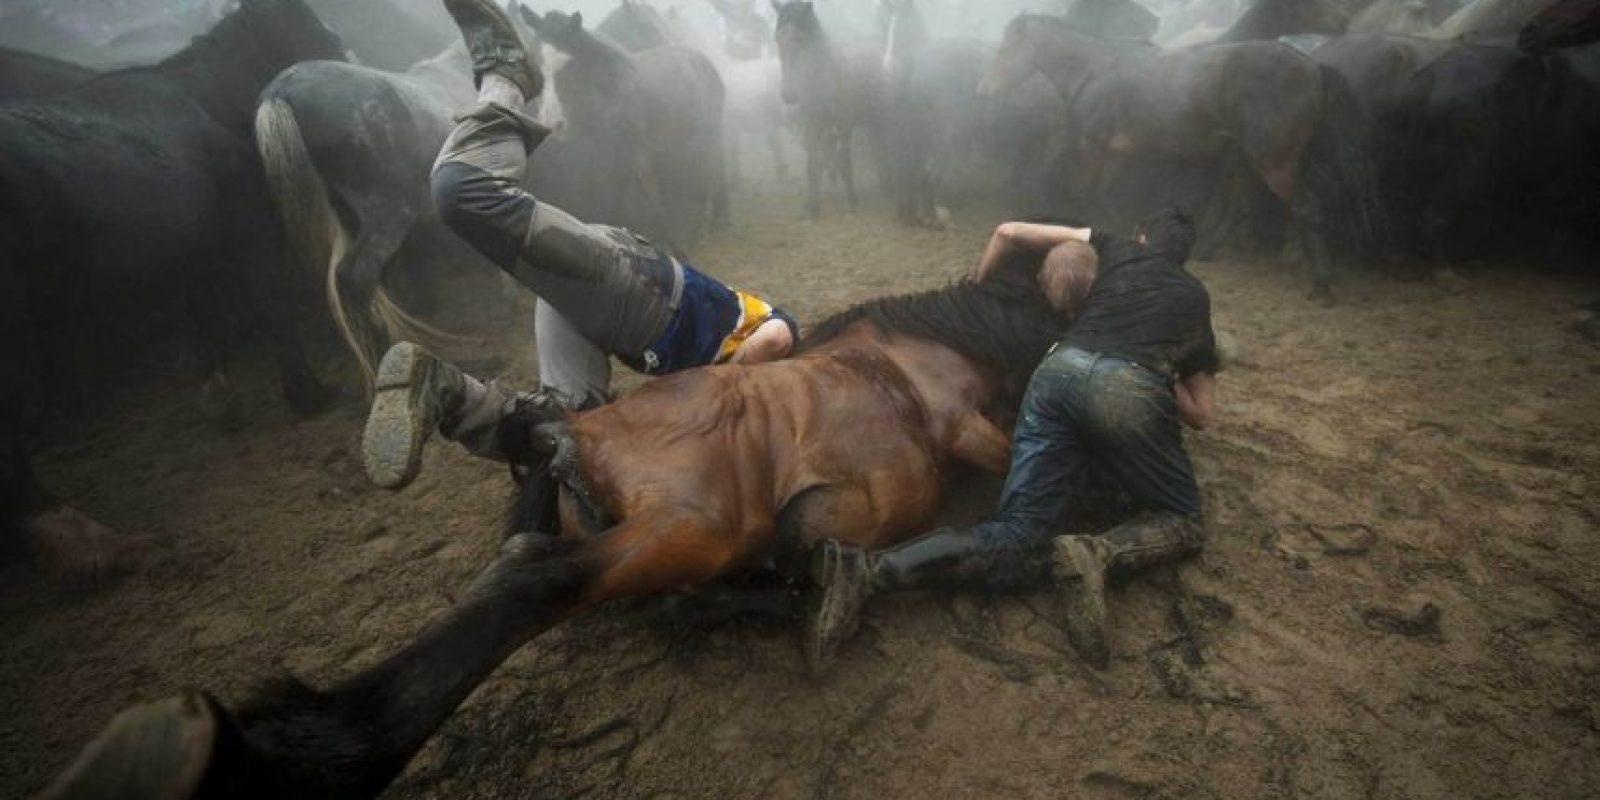 Foto:Miguel Riopa / AFP